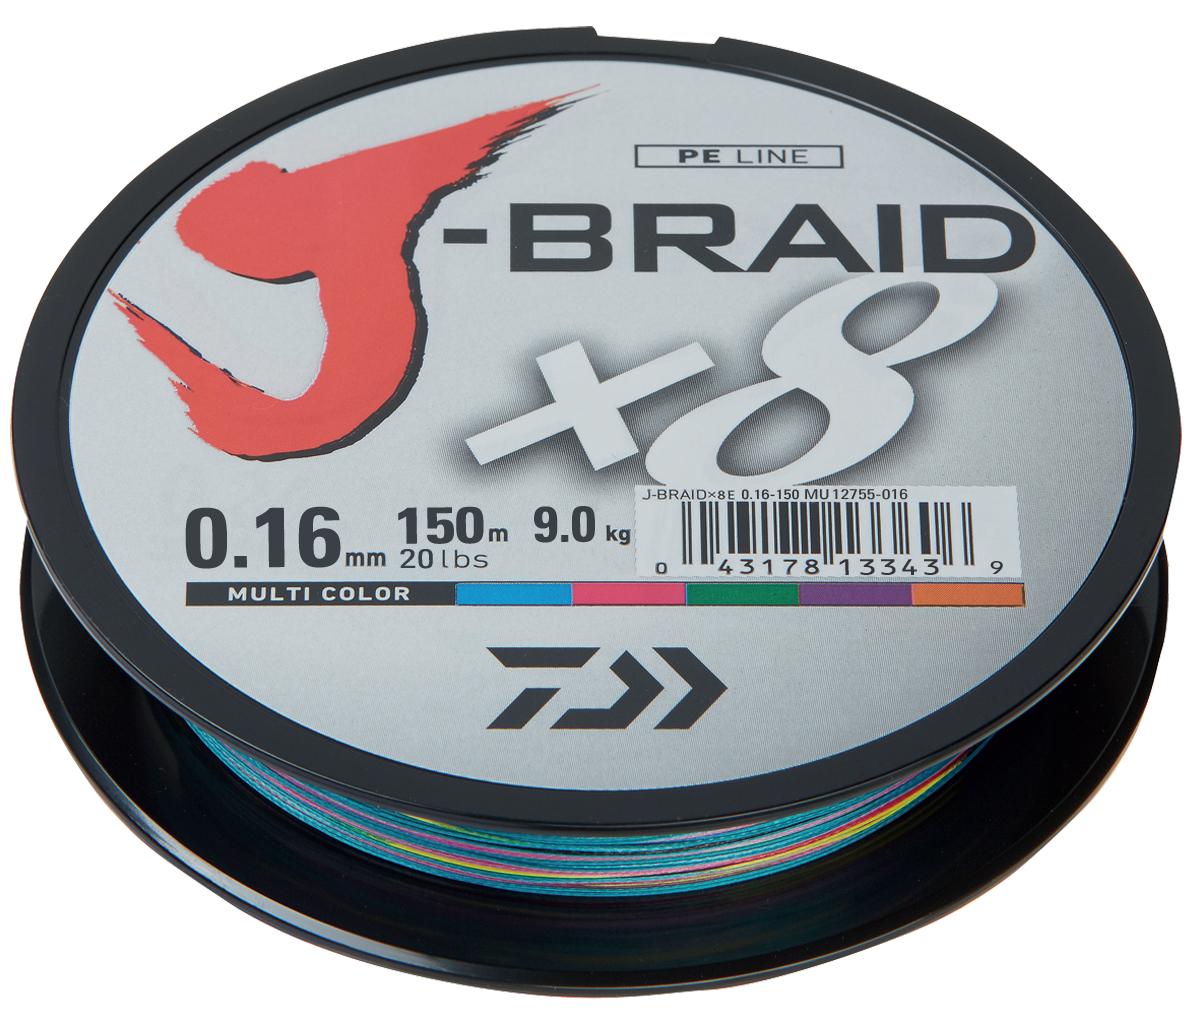 Фото - Шнур плетеный Daiwa J-Braid X8, цвет: мультиколор, 150 м, 0,16 мм шнур плетеный daiwa j braid x8 цвет мультиколор 150 м 0 16 мм